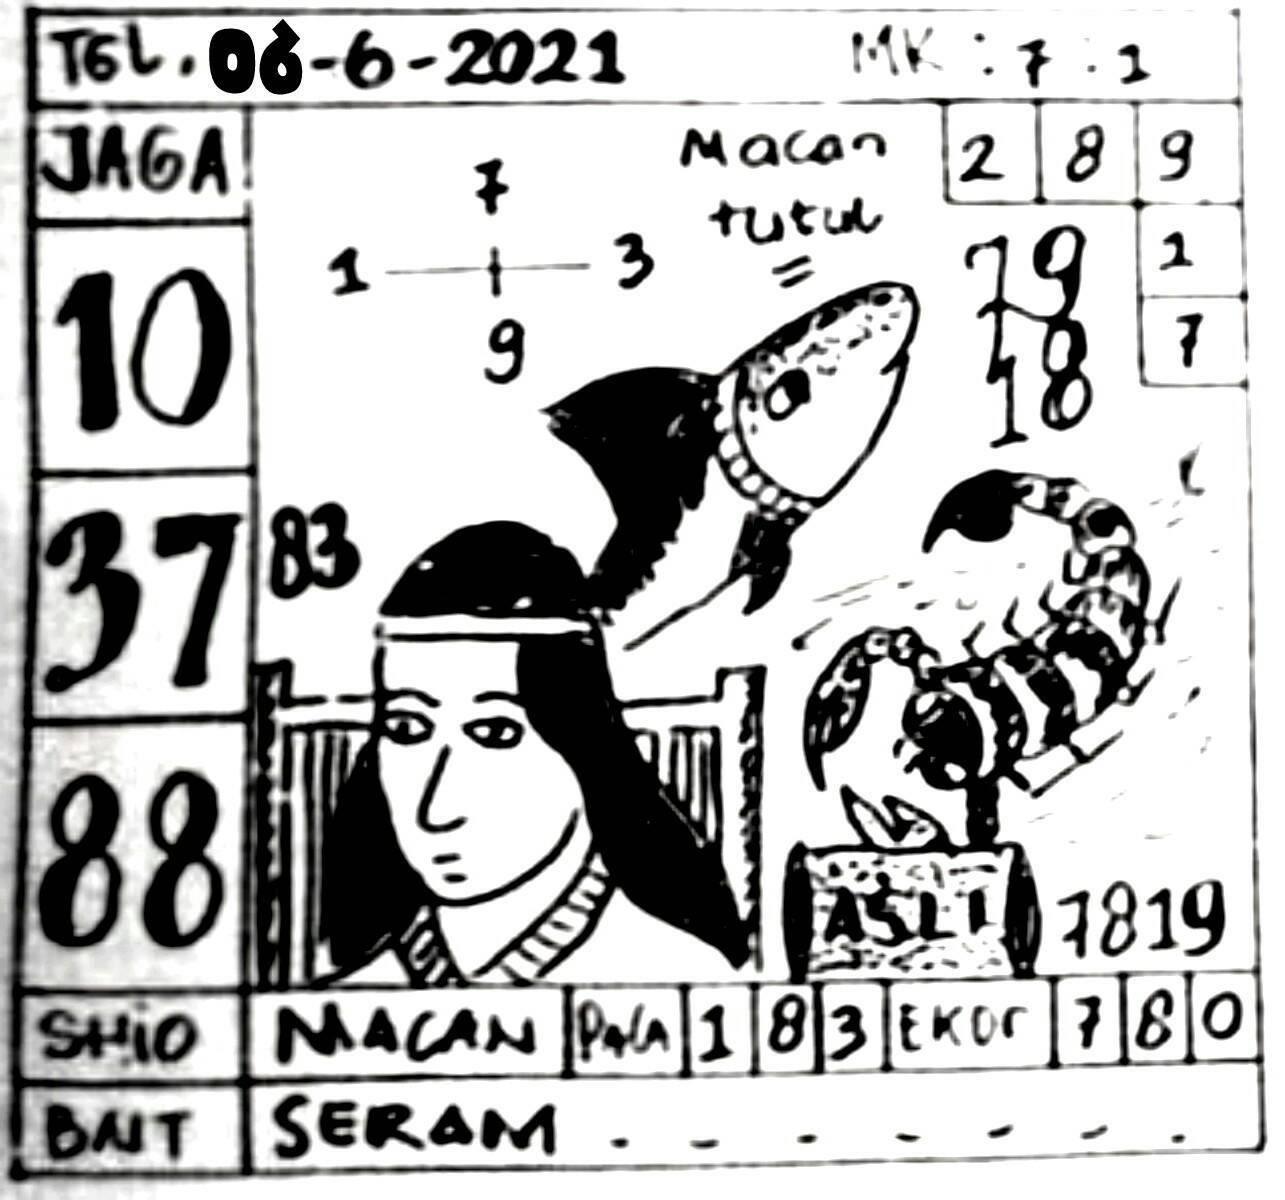 Okekode sgp 28 juni 2021